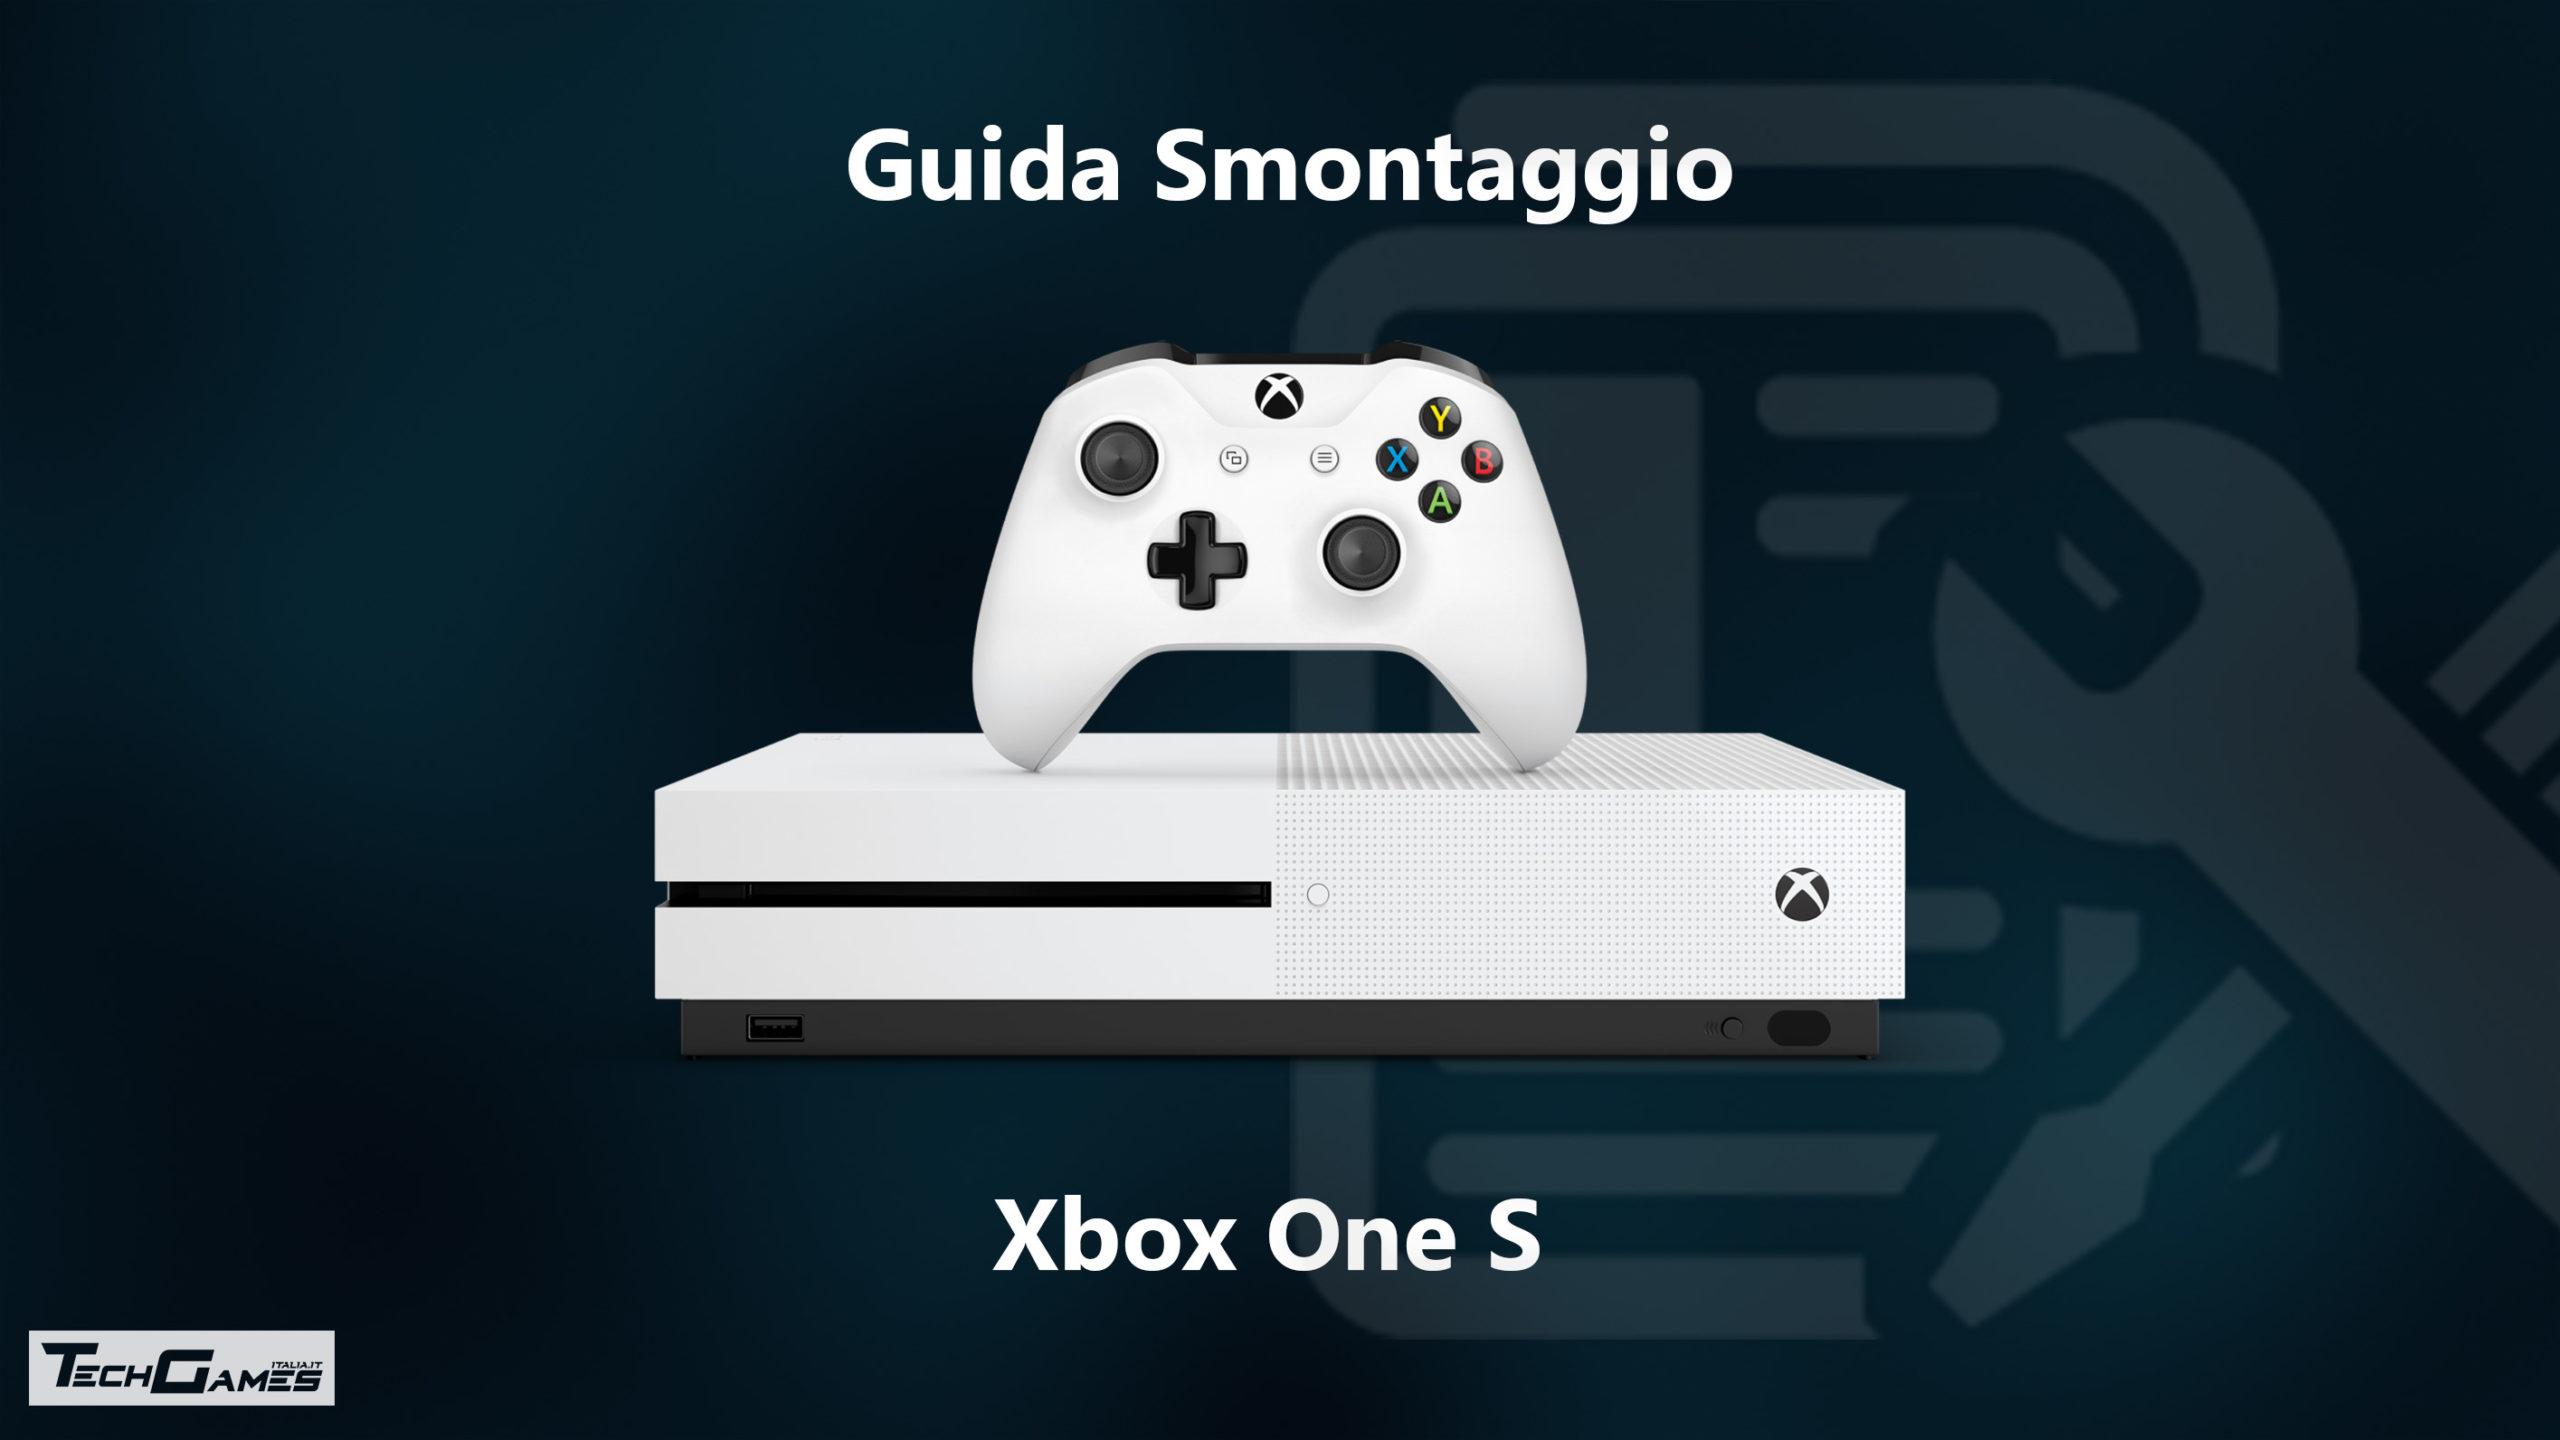 GUIDA RIPARAZIONE E SMONTAGGIO CASE DI UN XBOX ONE S